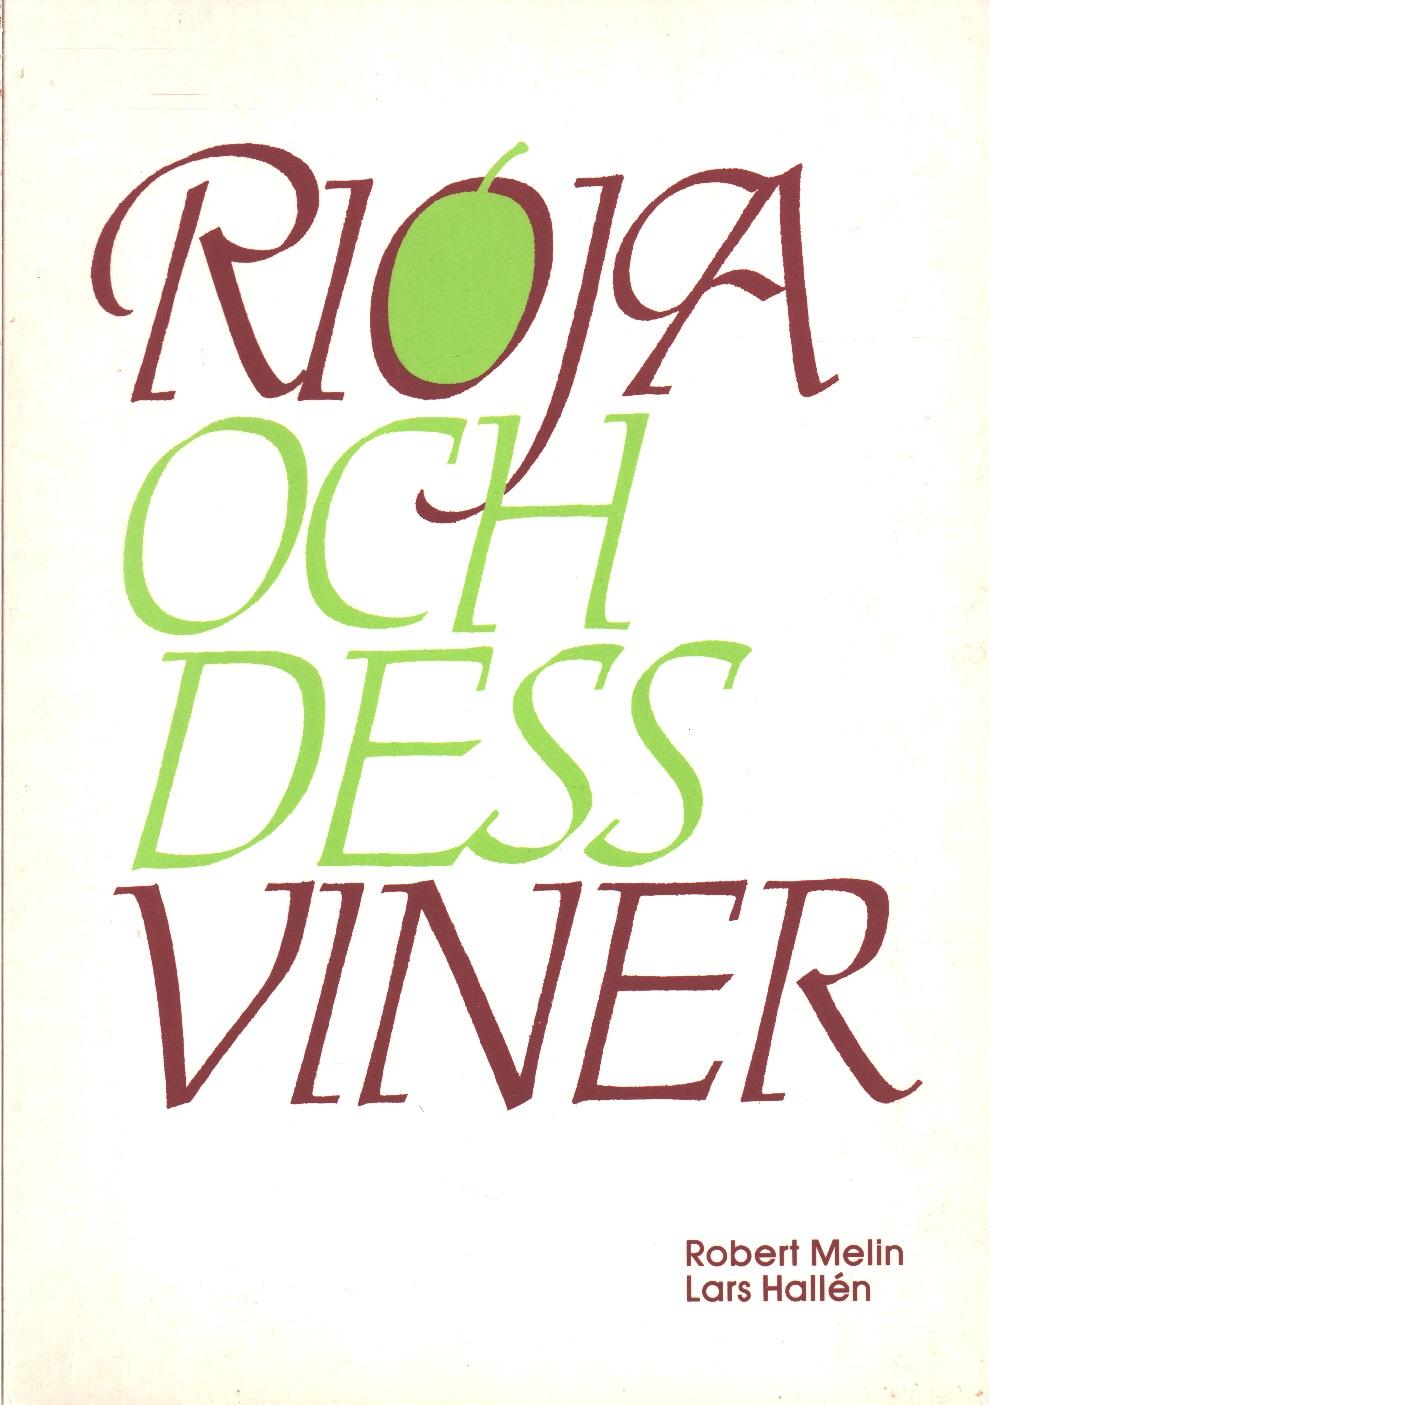 Rioja och dess viner - Melin, Robert